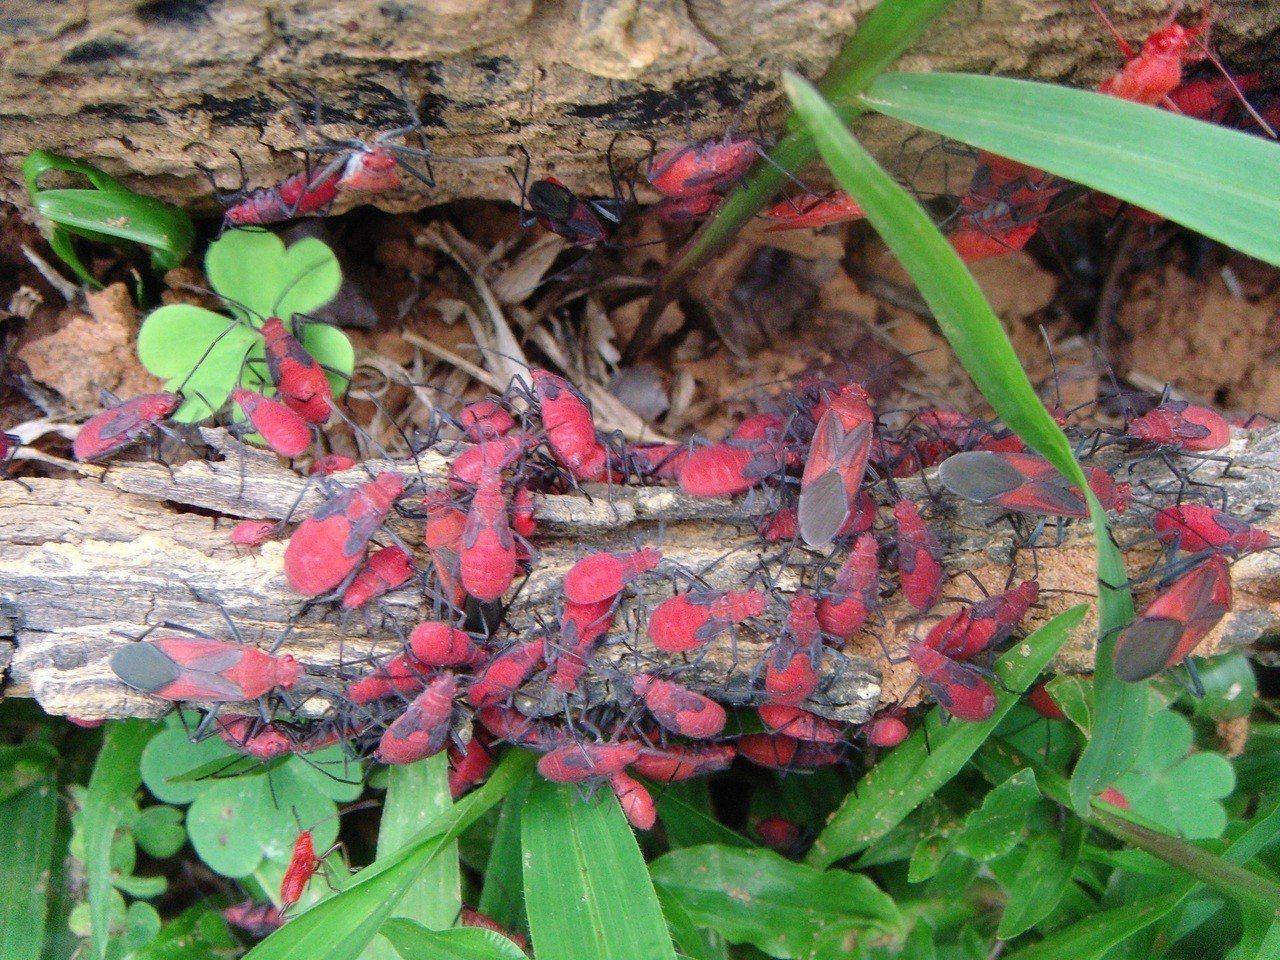 紅姬緣椿象又名紅椿象或臭屁蟲,體色為紅褐色,成蟲背部小盾板周邊有黑色的V字型斑紋...